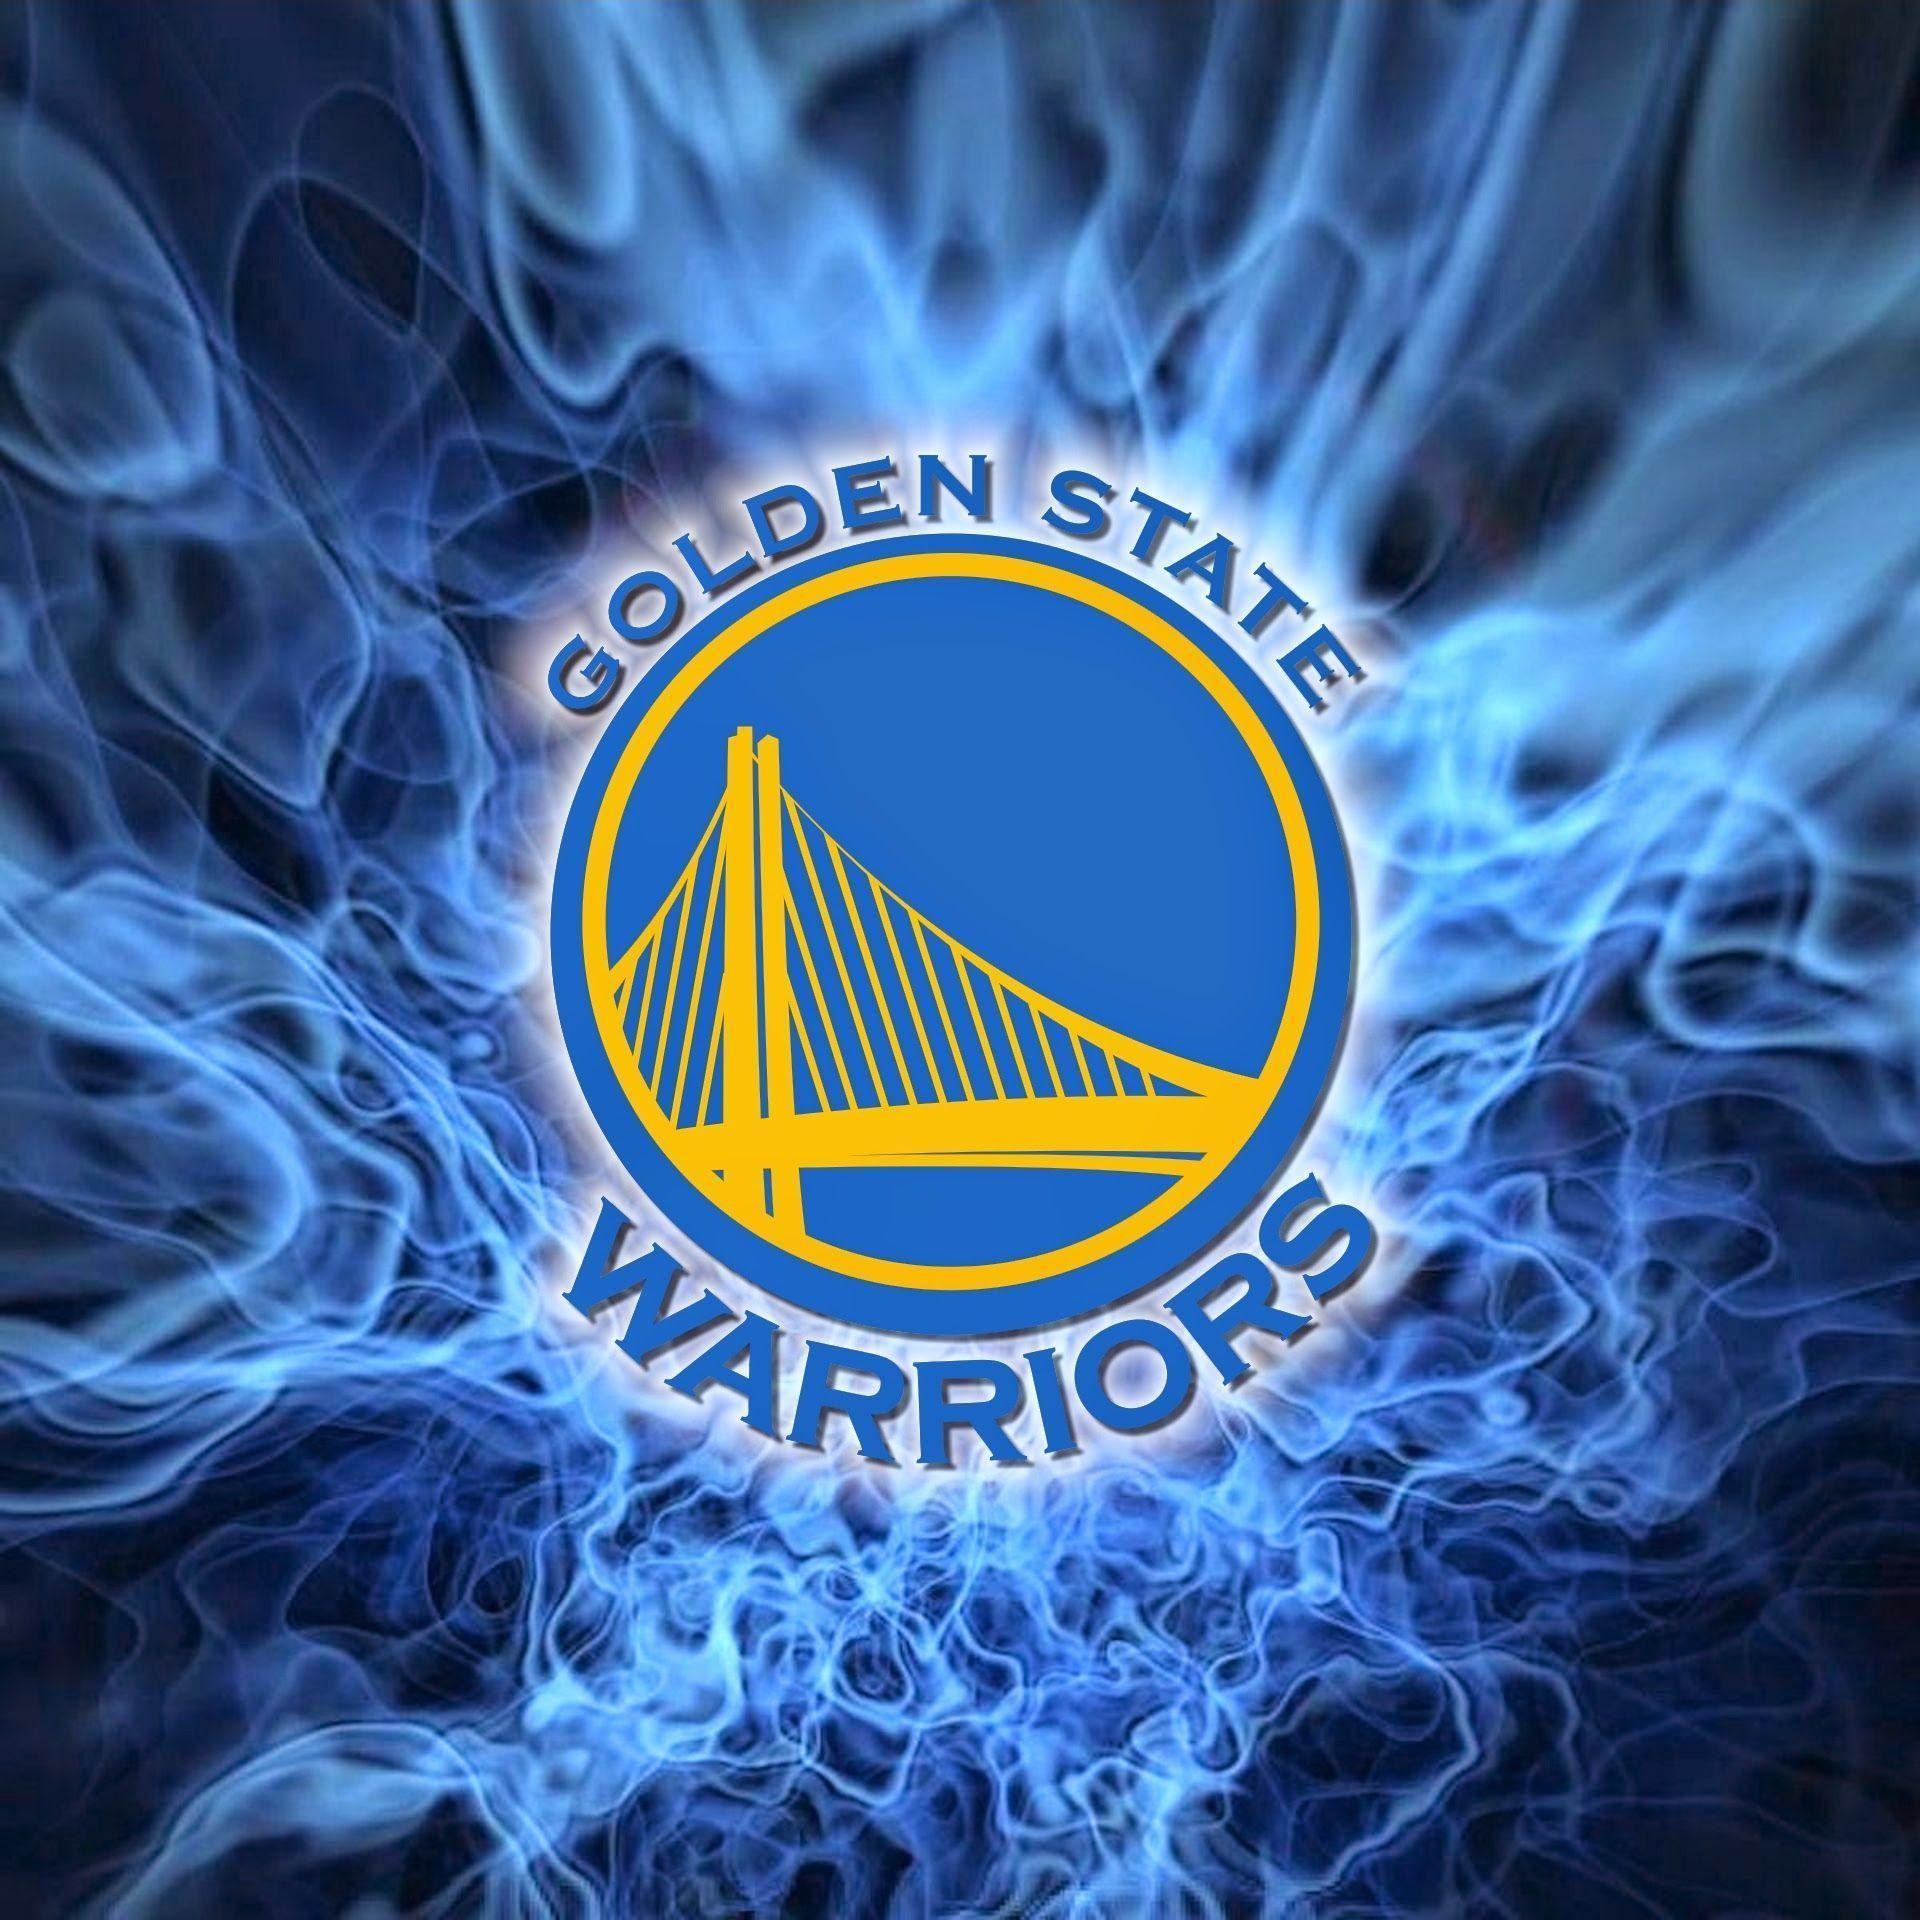 Golden State Warriors iPhone Wallpaper | HD Wallpapers | Pinterest .